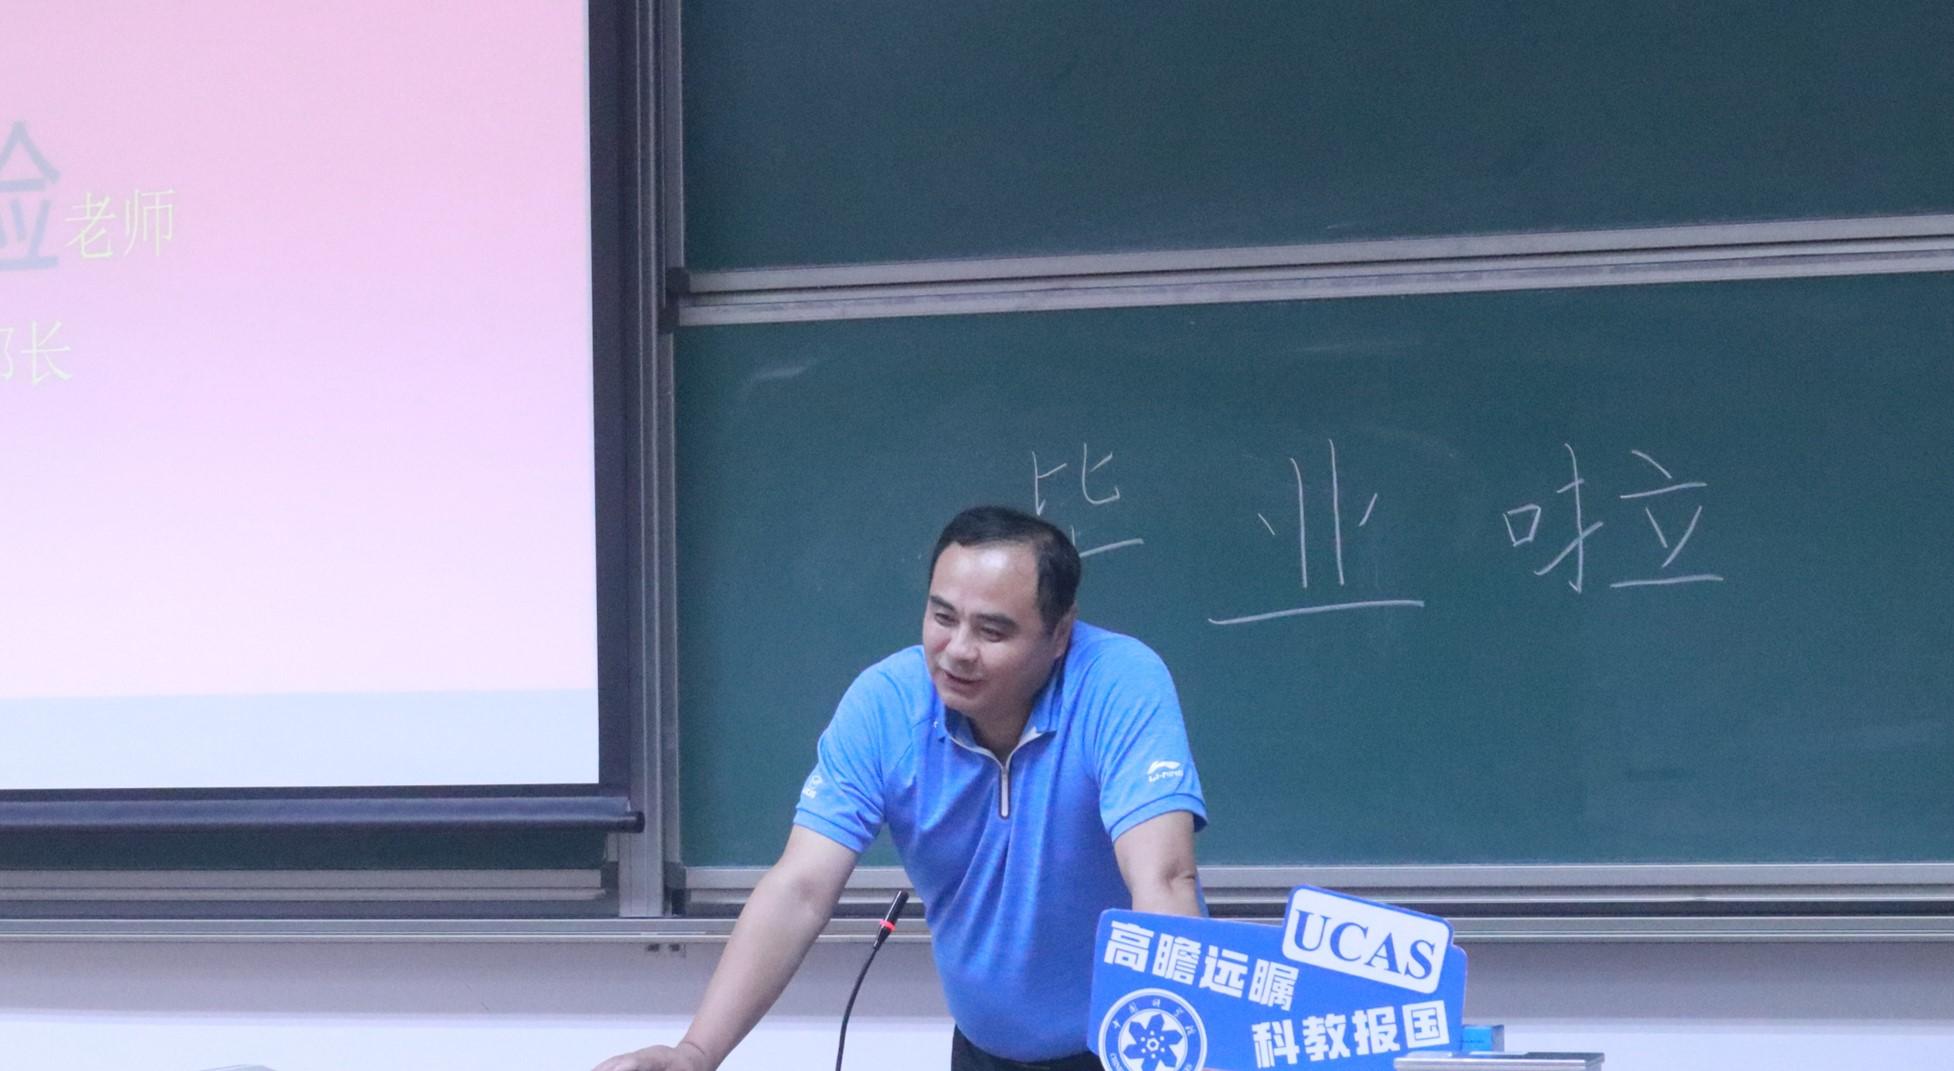 本科毕业典礼新闻稿4